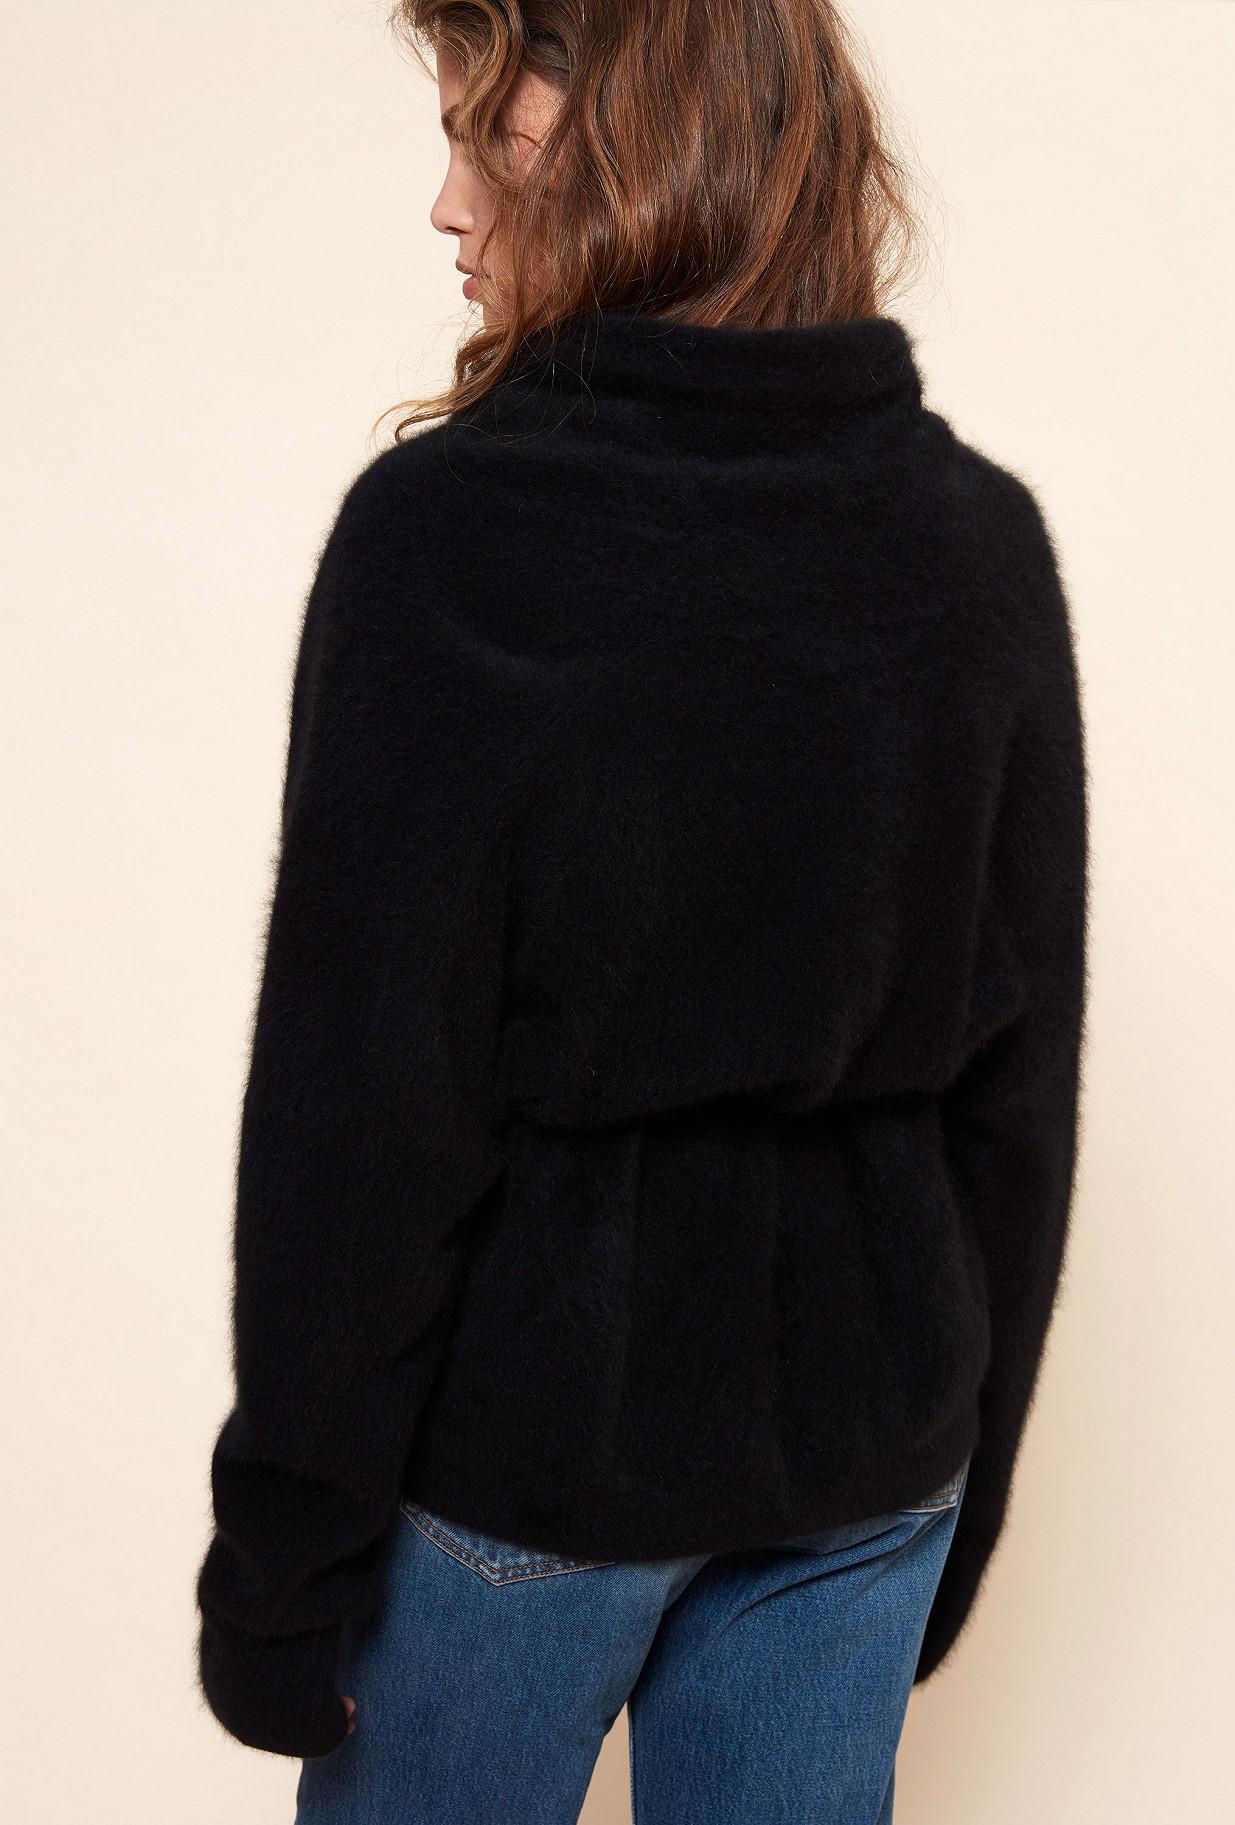 Paris boutique de mode vêtement Maille créateur bohème  Catwoman